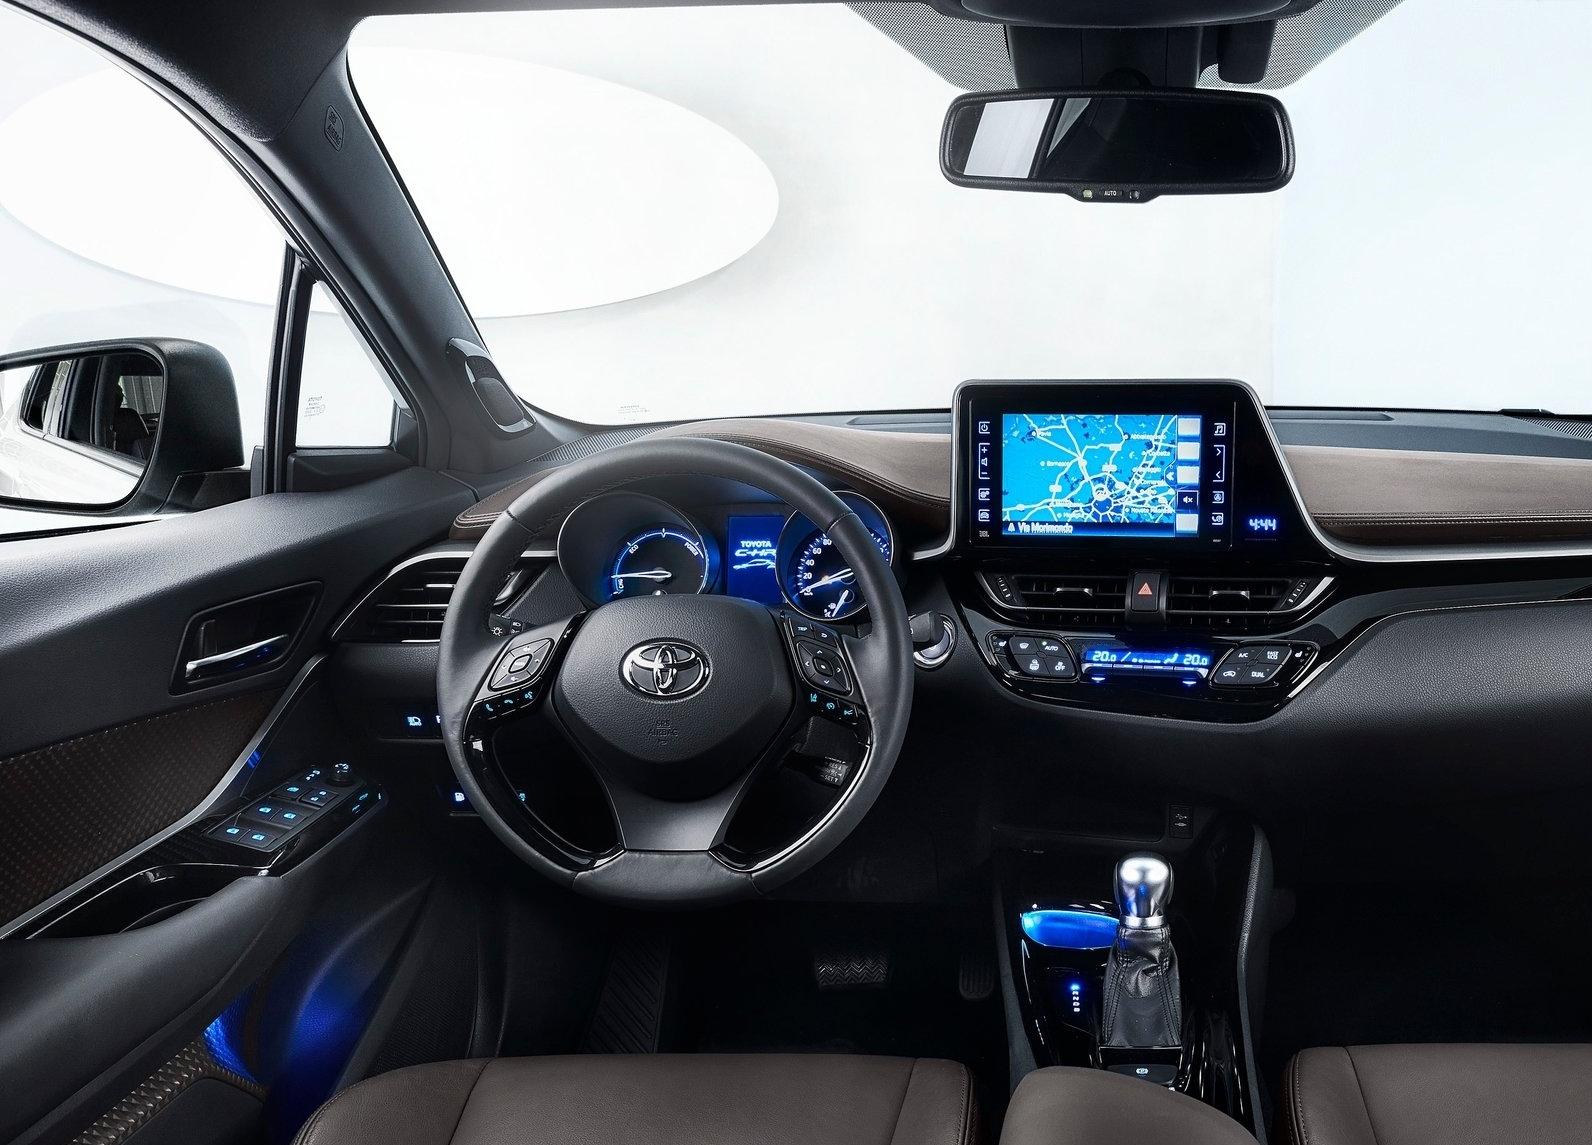 https://www.whatcar.lv/cars/Toyota/C-HR/332f8ba6cf15cc56649e4ac5bd09221a.jpg